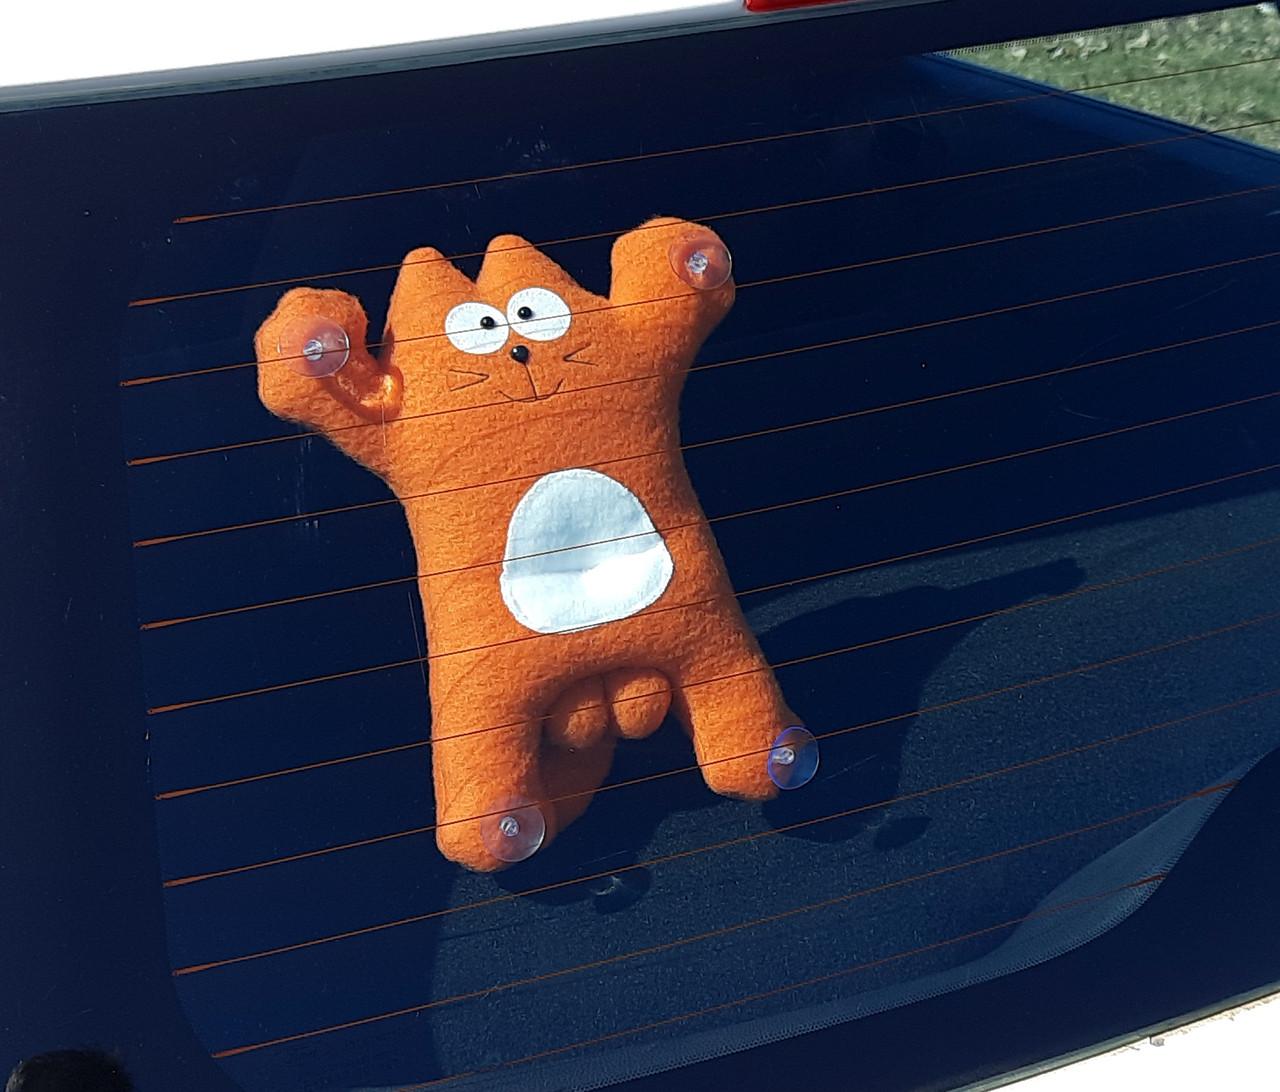 Саймон Кот рыжий на присосках - Сувенир в машину - Мягкая игрушка Кот Саймон - Подарок автомобилисту - фото 1